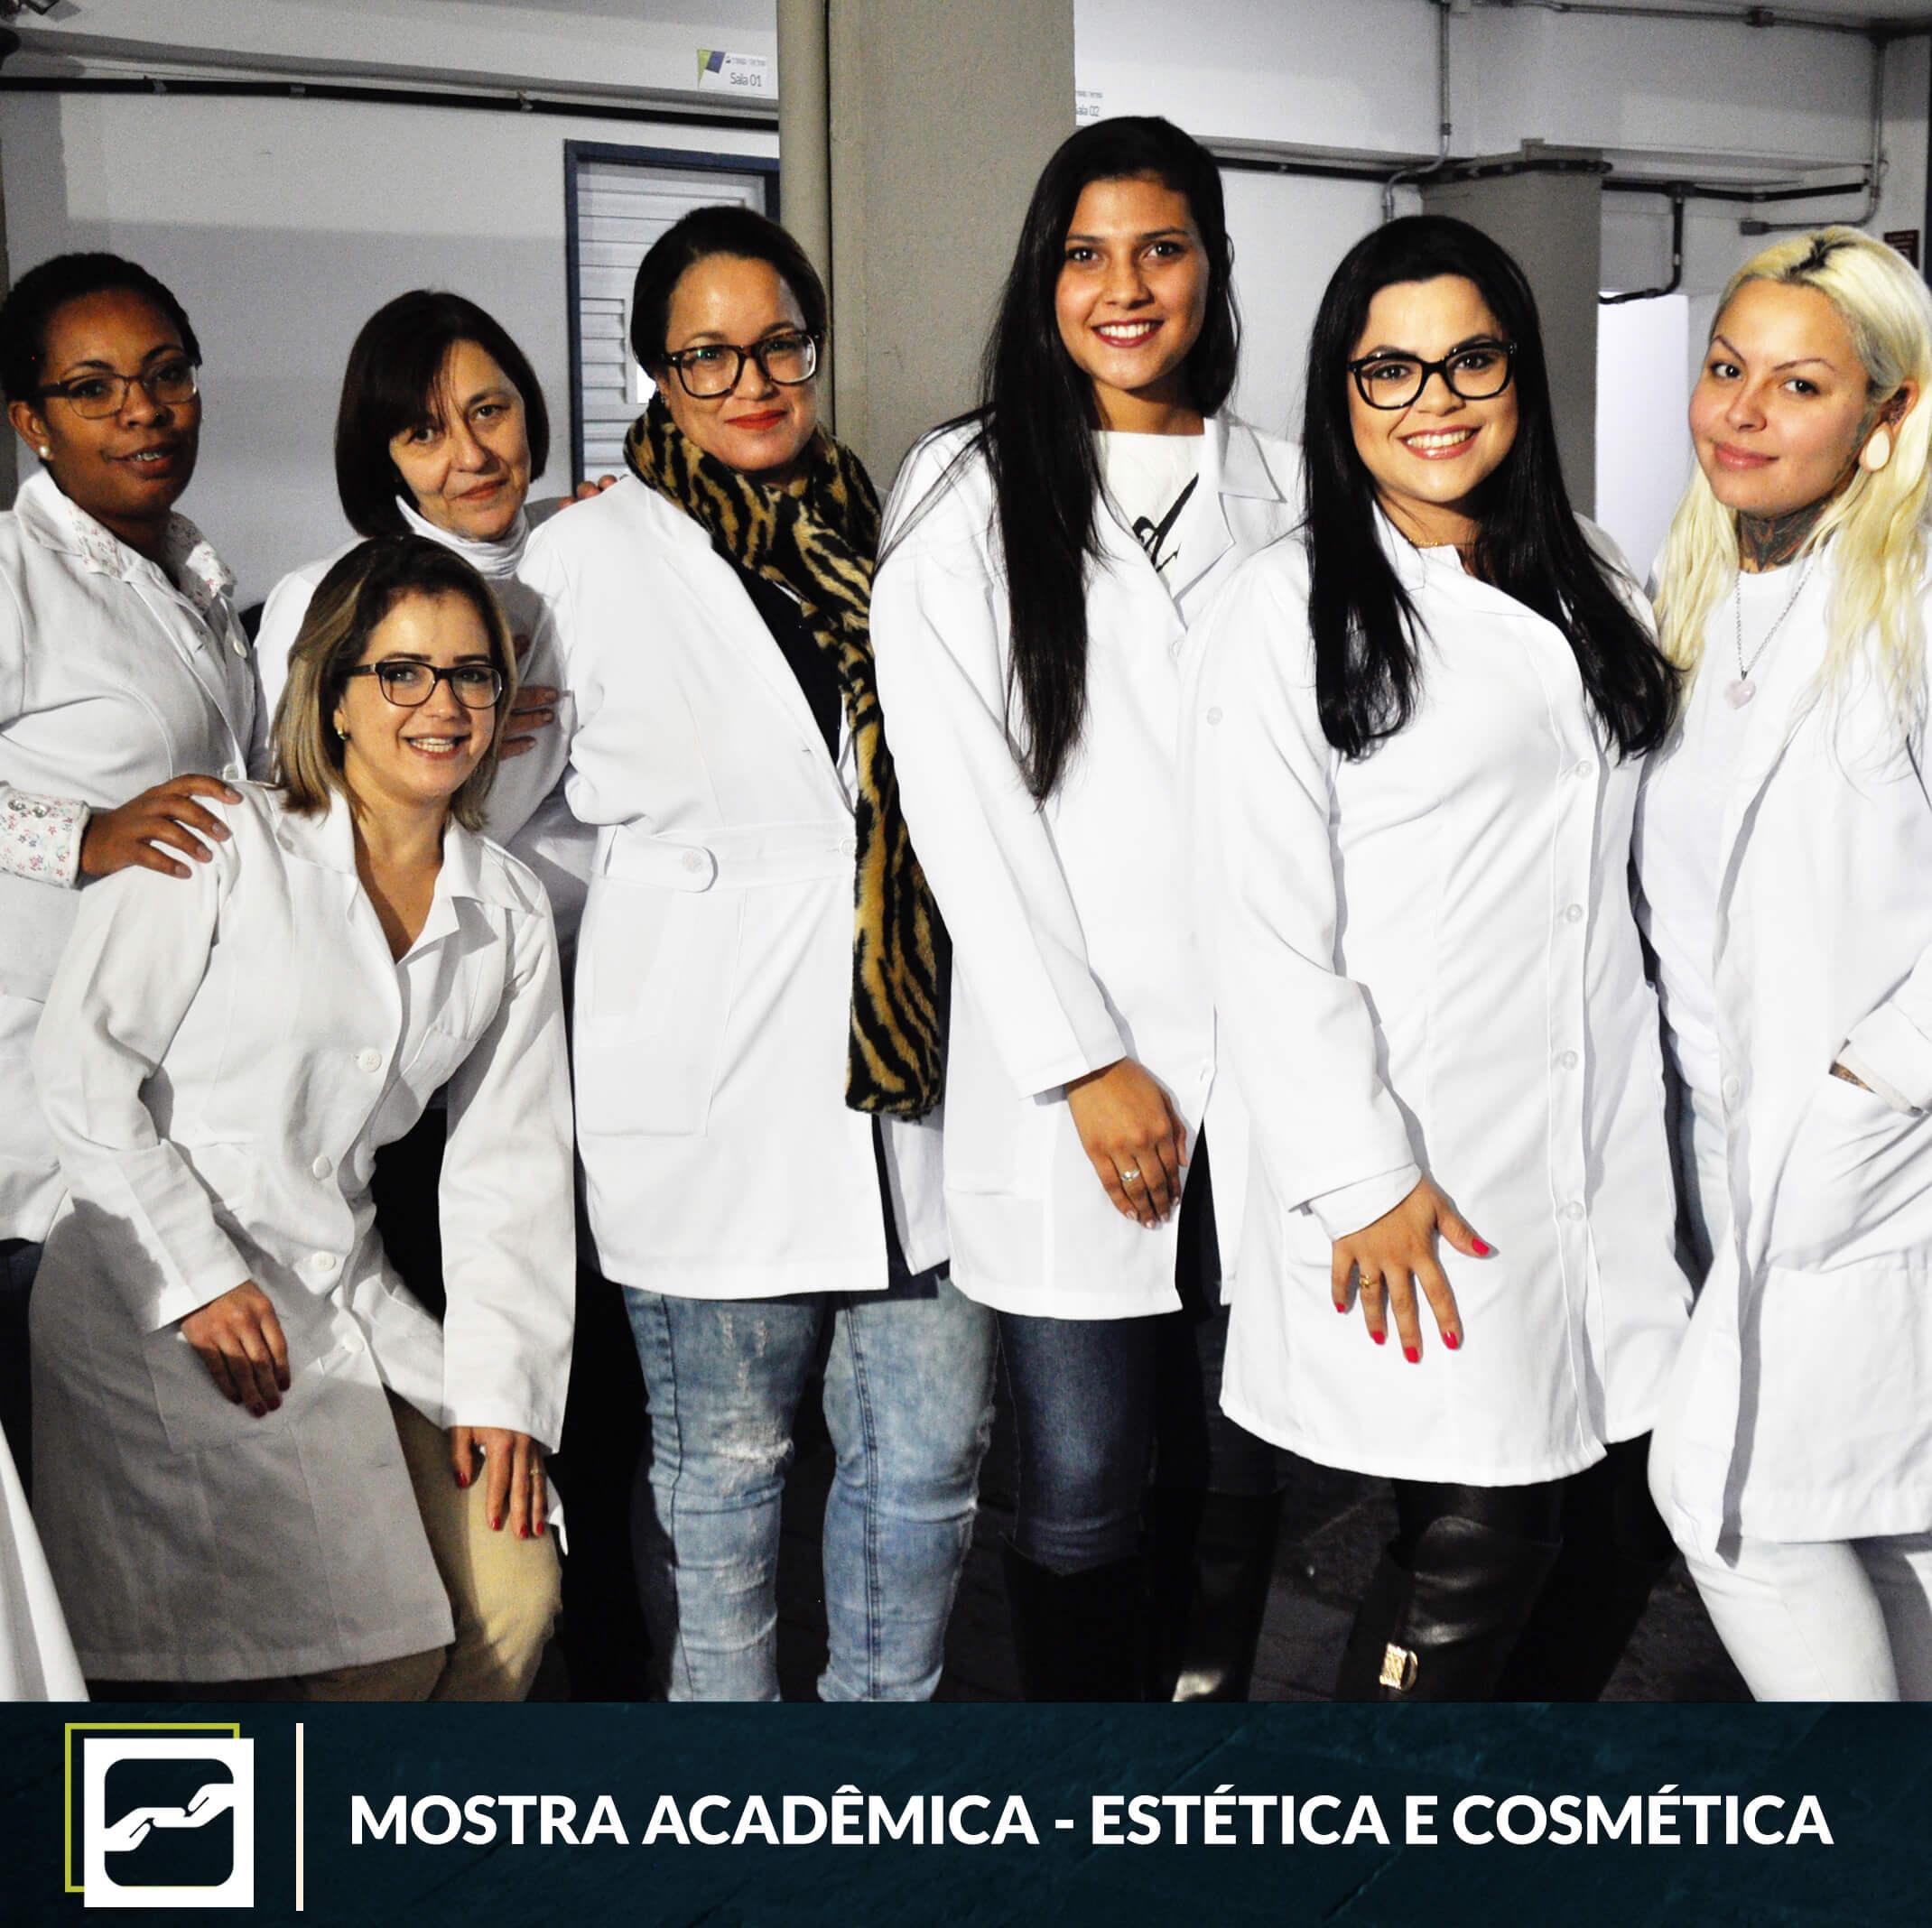 mostra-academia-estetica-cosmetica-famesp-39